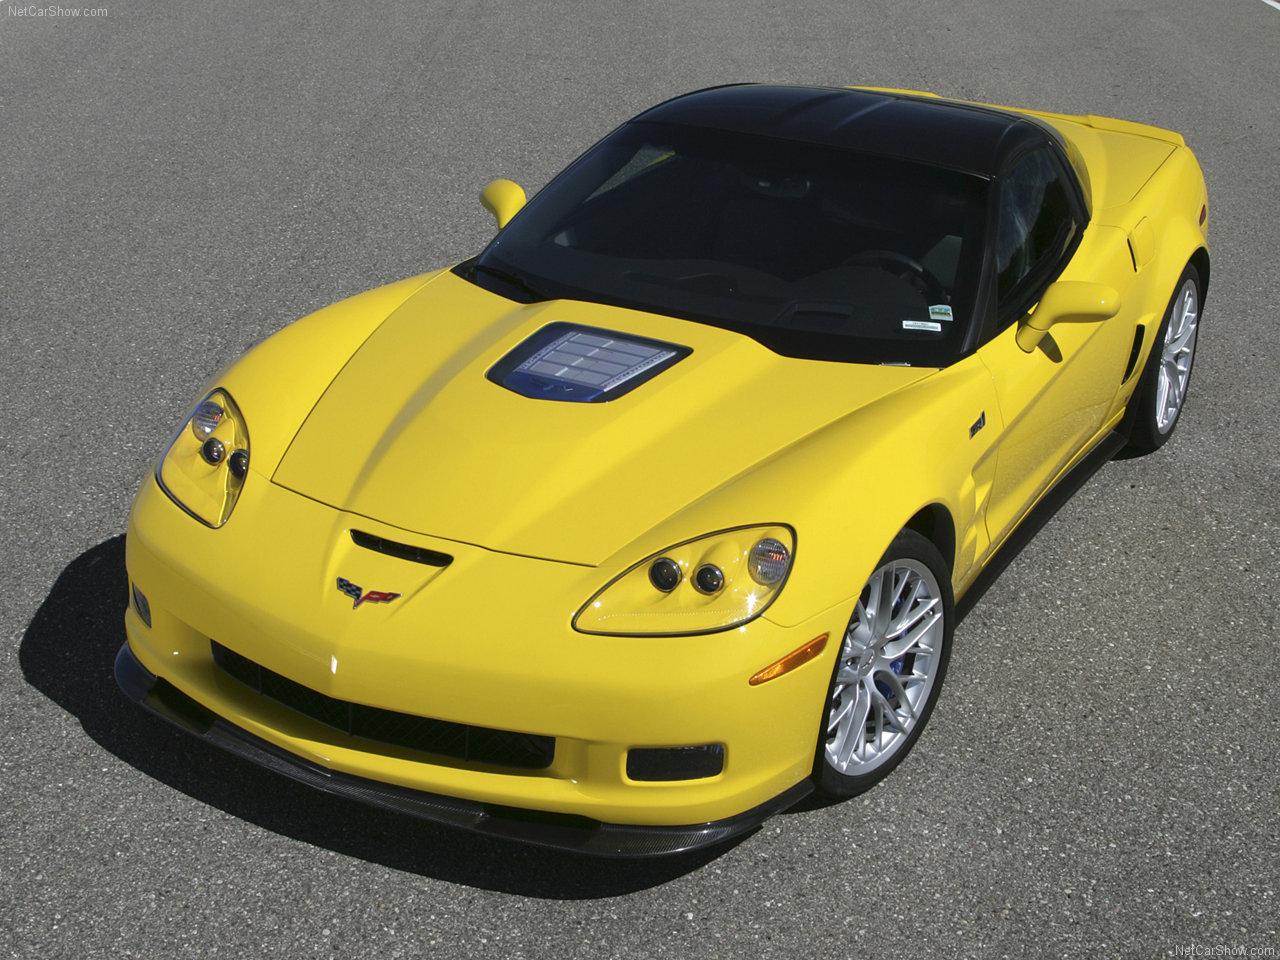 http://1.bp.blogspot.com/-clmAXdgYSEM/TW9txwIUqMI/AAAAAAAALmY/v-rj0c8_40A/s1600/Chevrolet-Corvette_ZR1_2009_1280x960_wallpaper_08.jpg